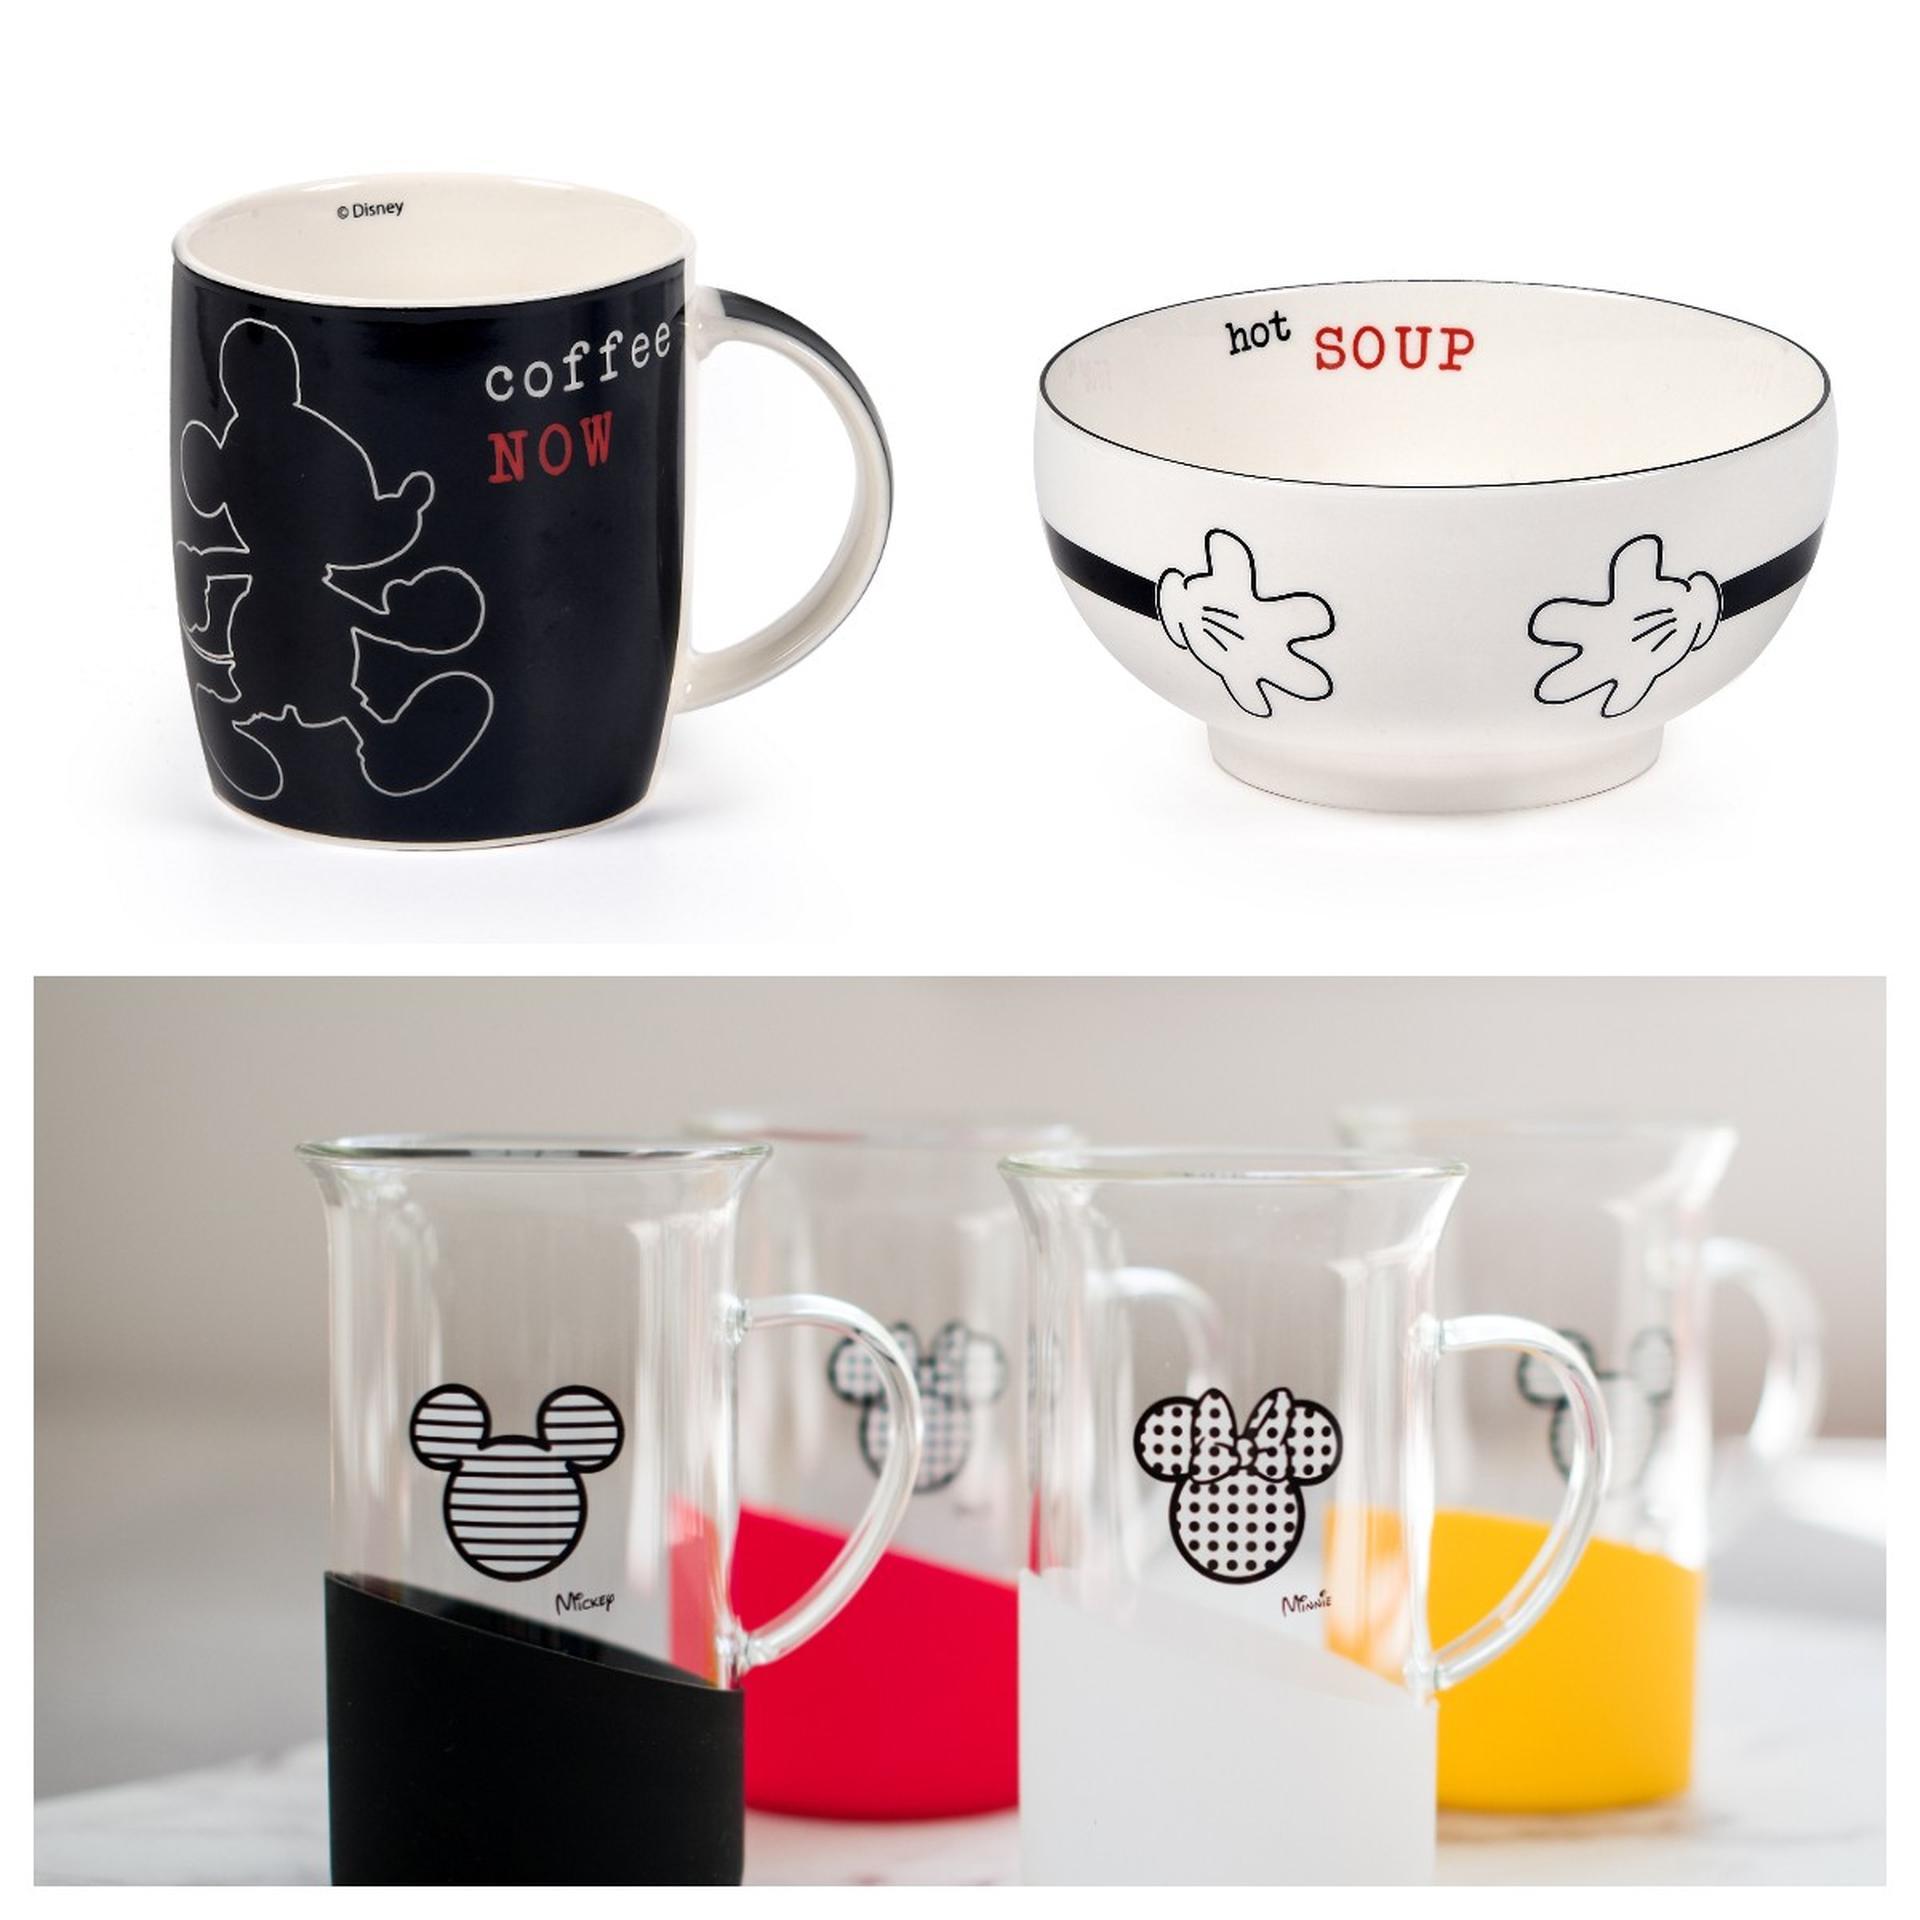 למעלה: קערה ומאג ב FOX HOME. צילום: אפרת אשל. למטה: סט כוסות זכוכית, נעמן. צילום: תמי בר שי